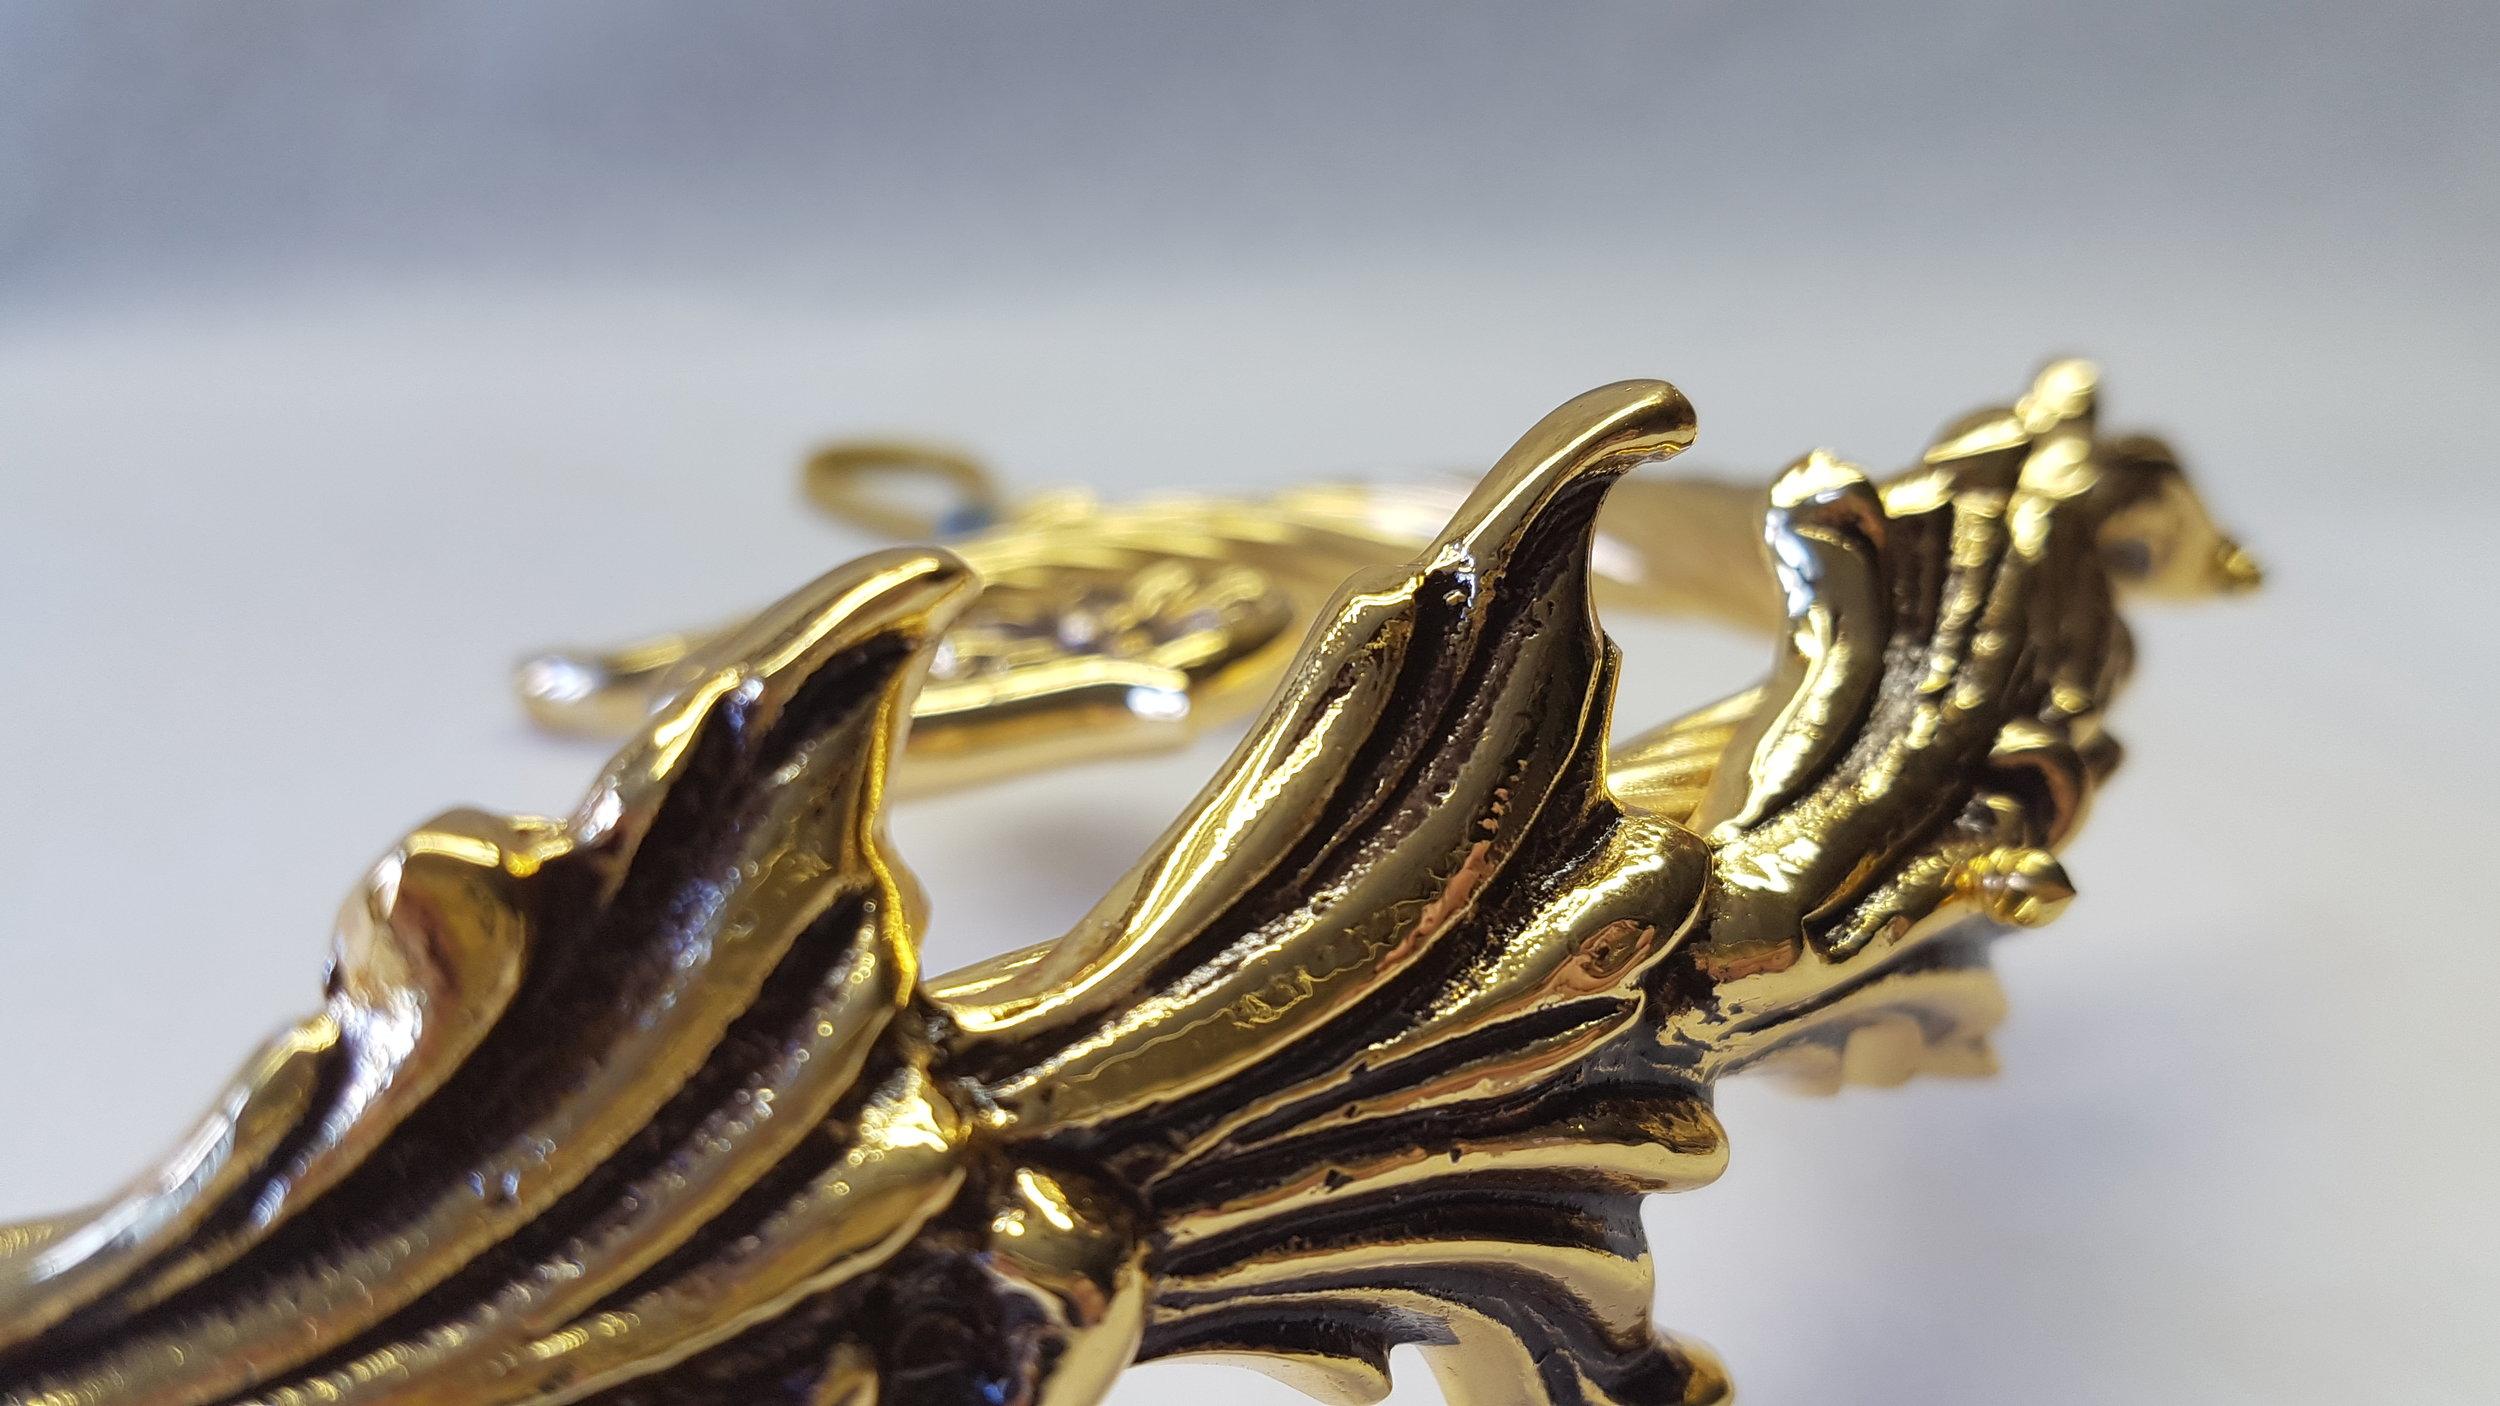 Brass Chandelier Part